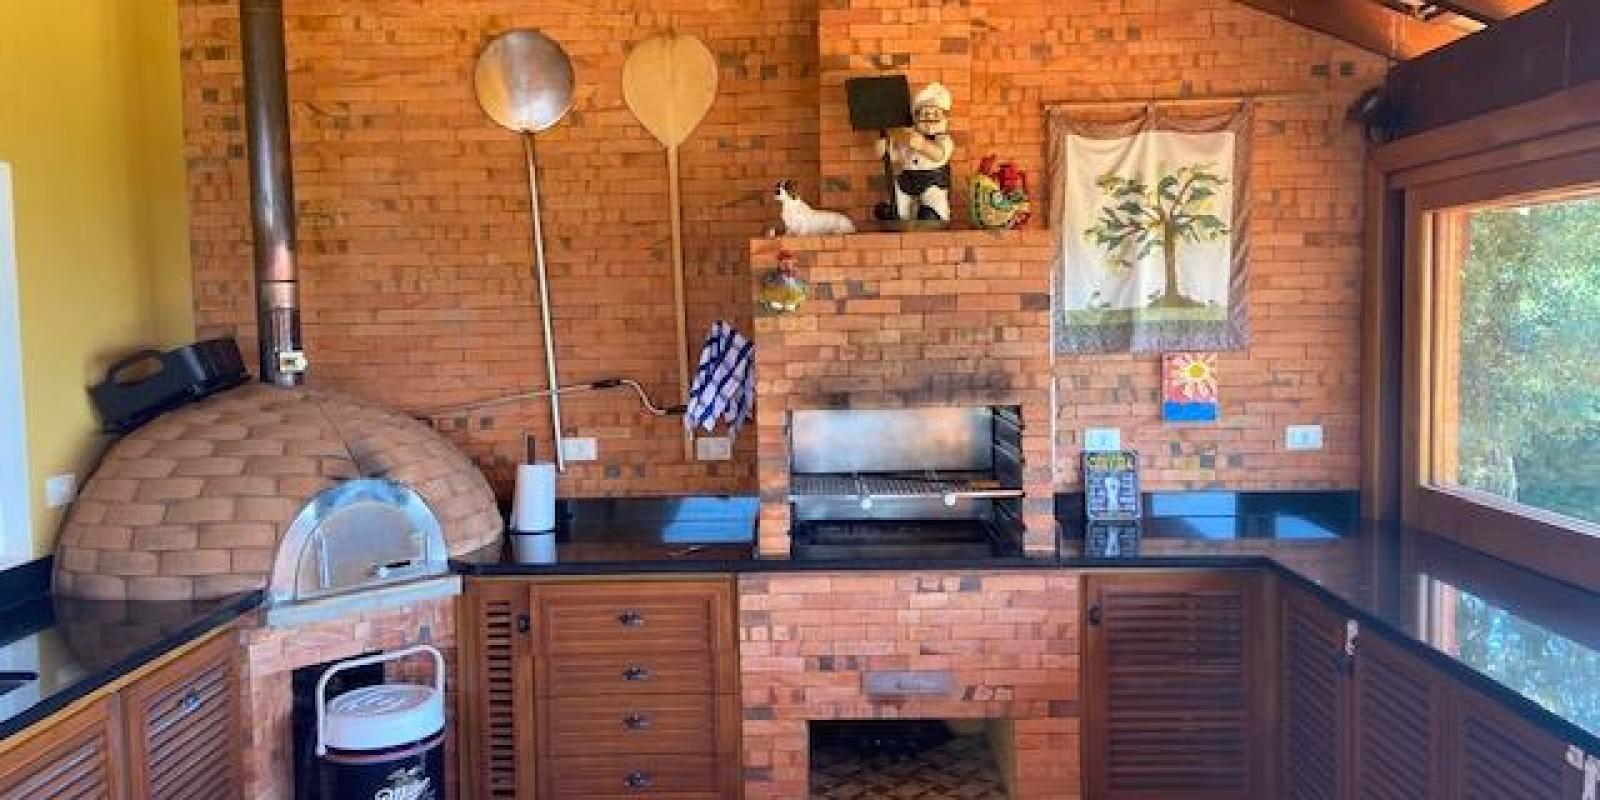 Casa na Represa no Condomínio Parque Náutico em Avaré SP  - Foto 19 de 57